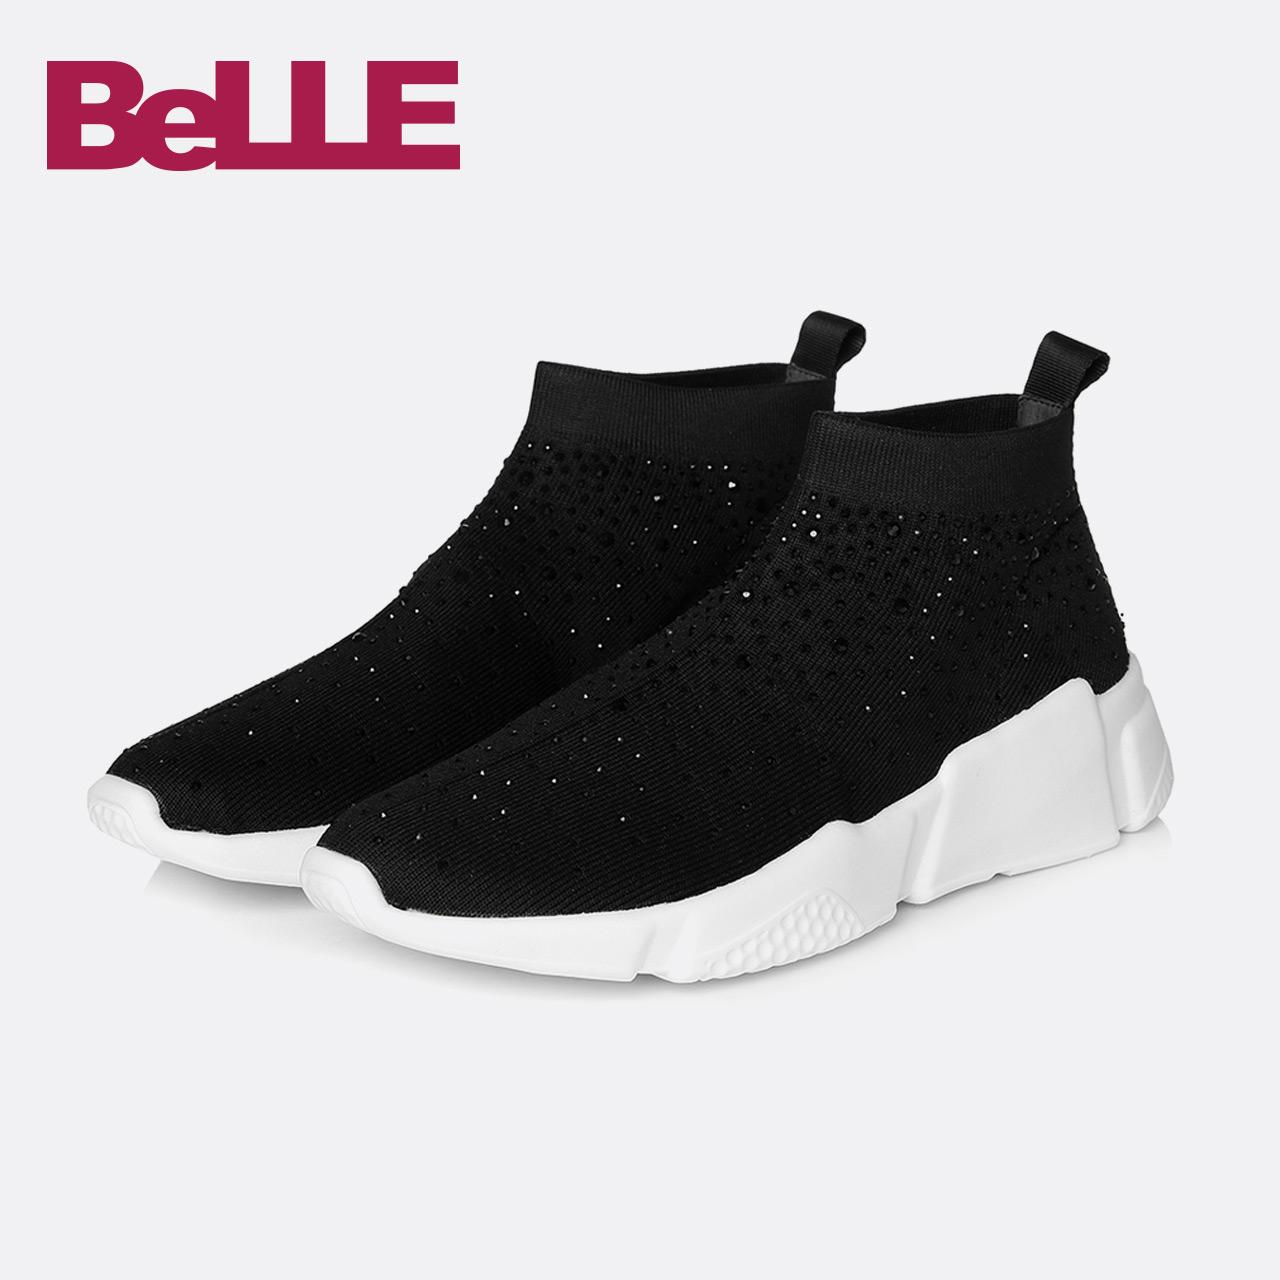 百丽2018春新款款休闲鞋商场同款运动风女鞋袜子鞋BYW29AM8